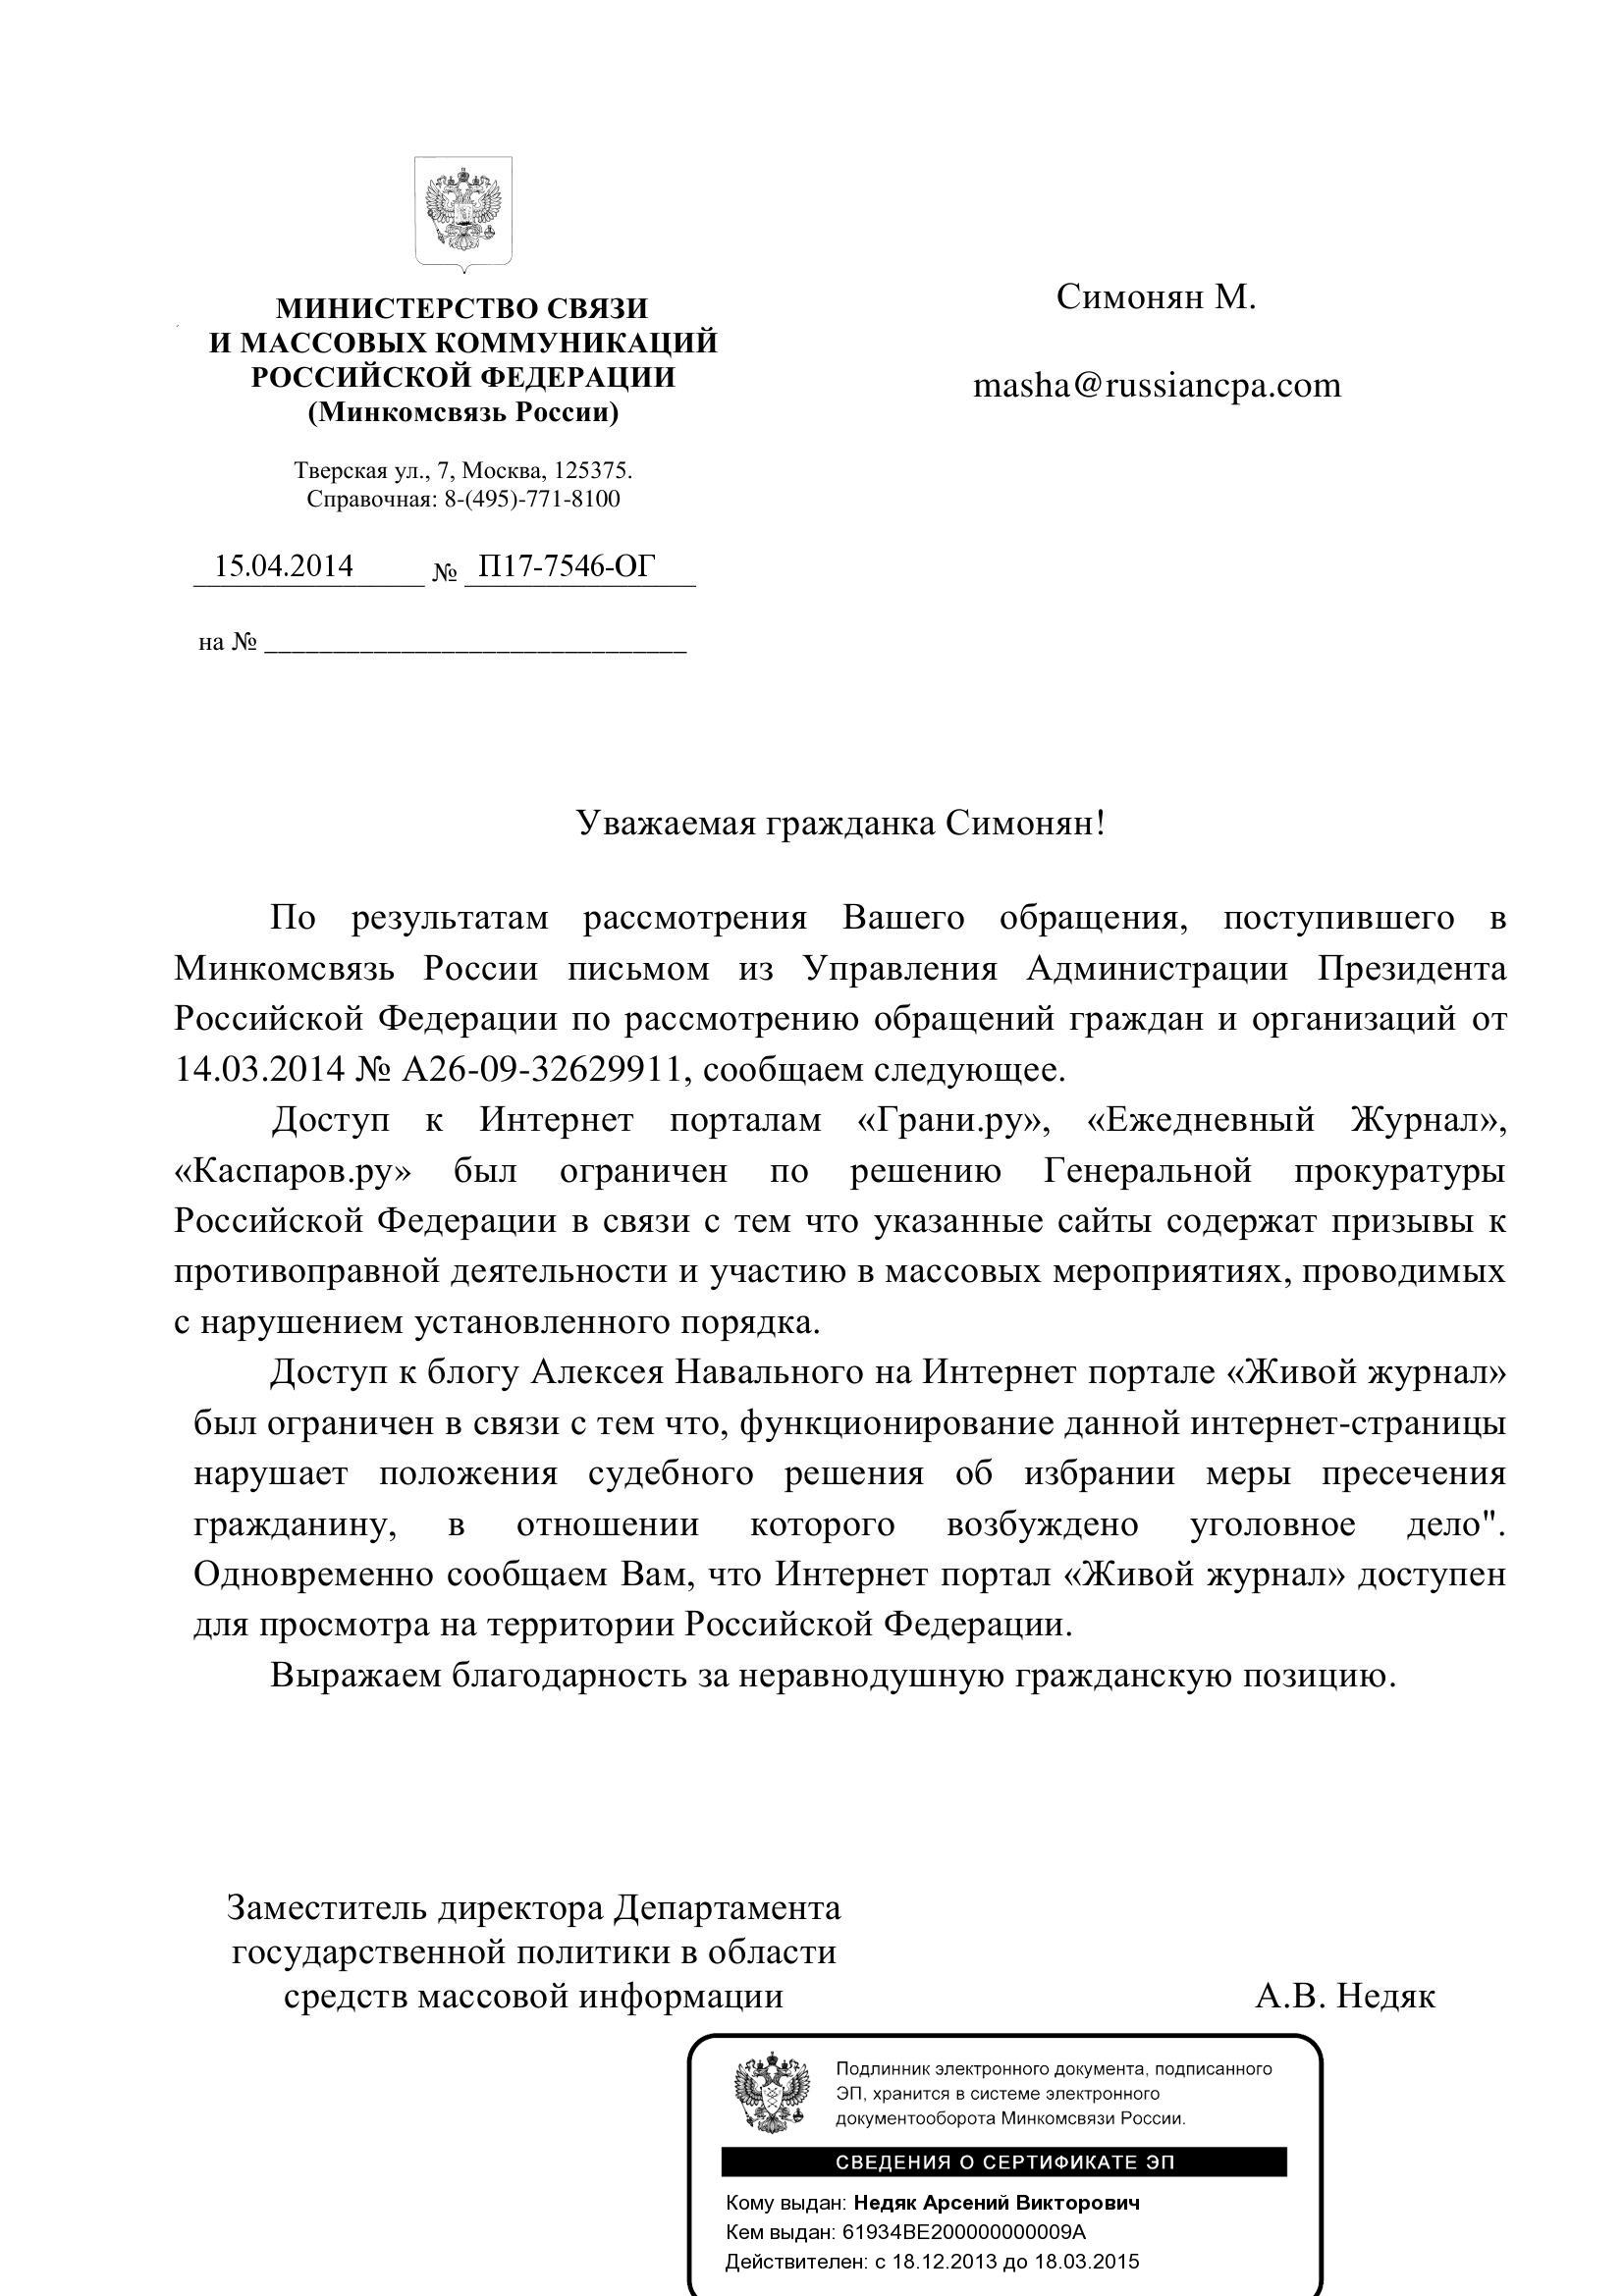 15 04 2014_П17-7546-ОГ_Недяк_А В _обращения_граждан